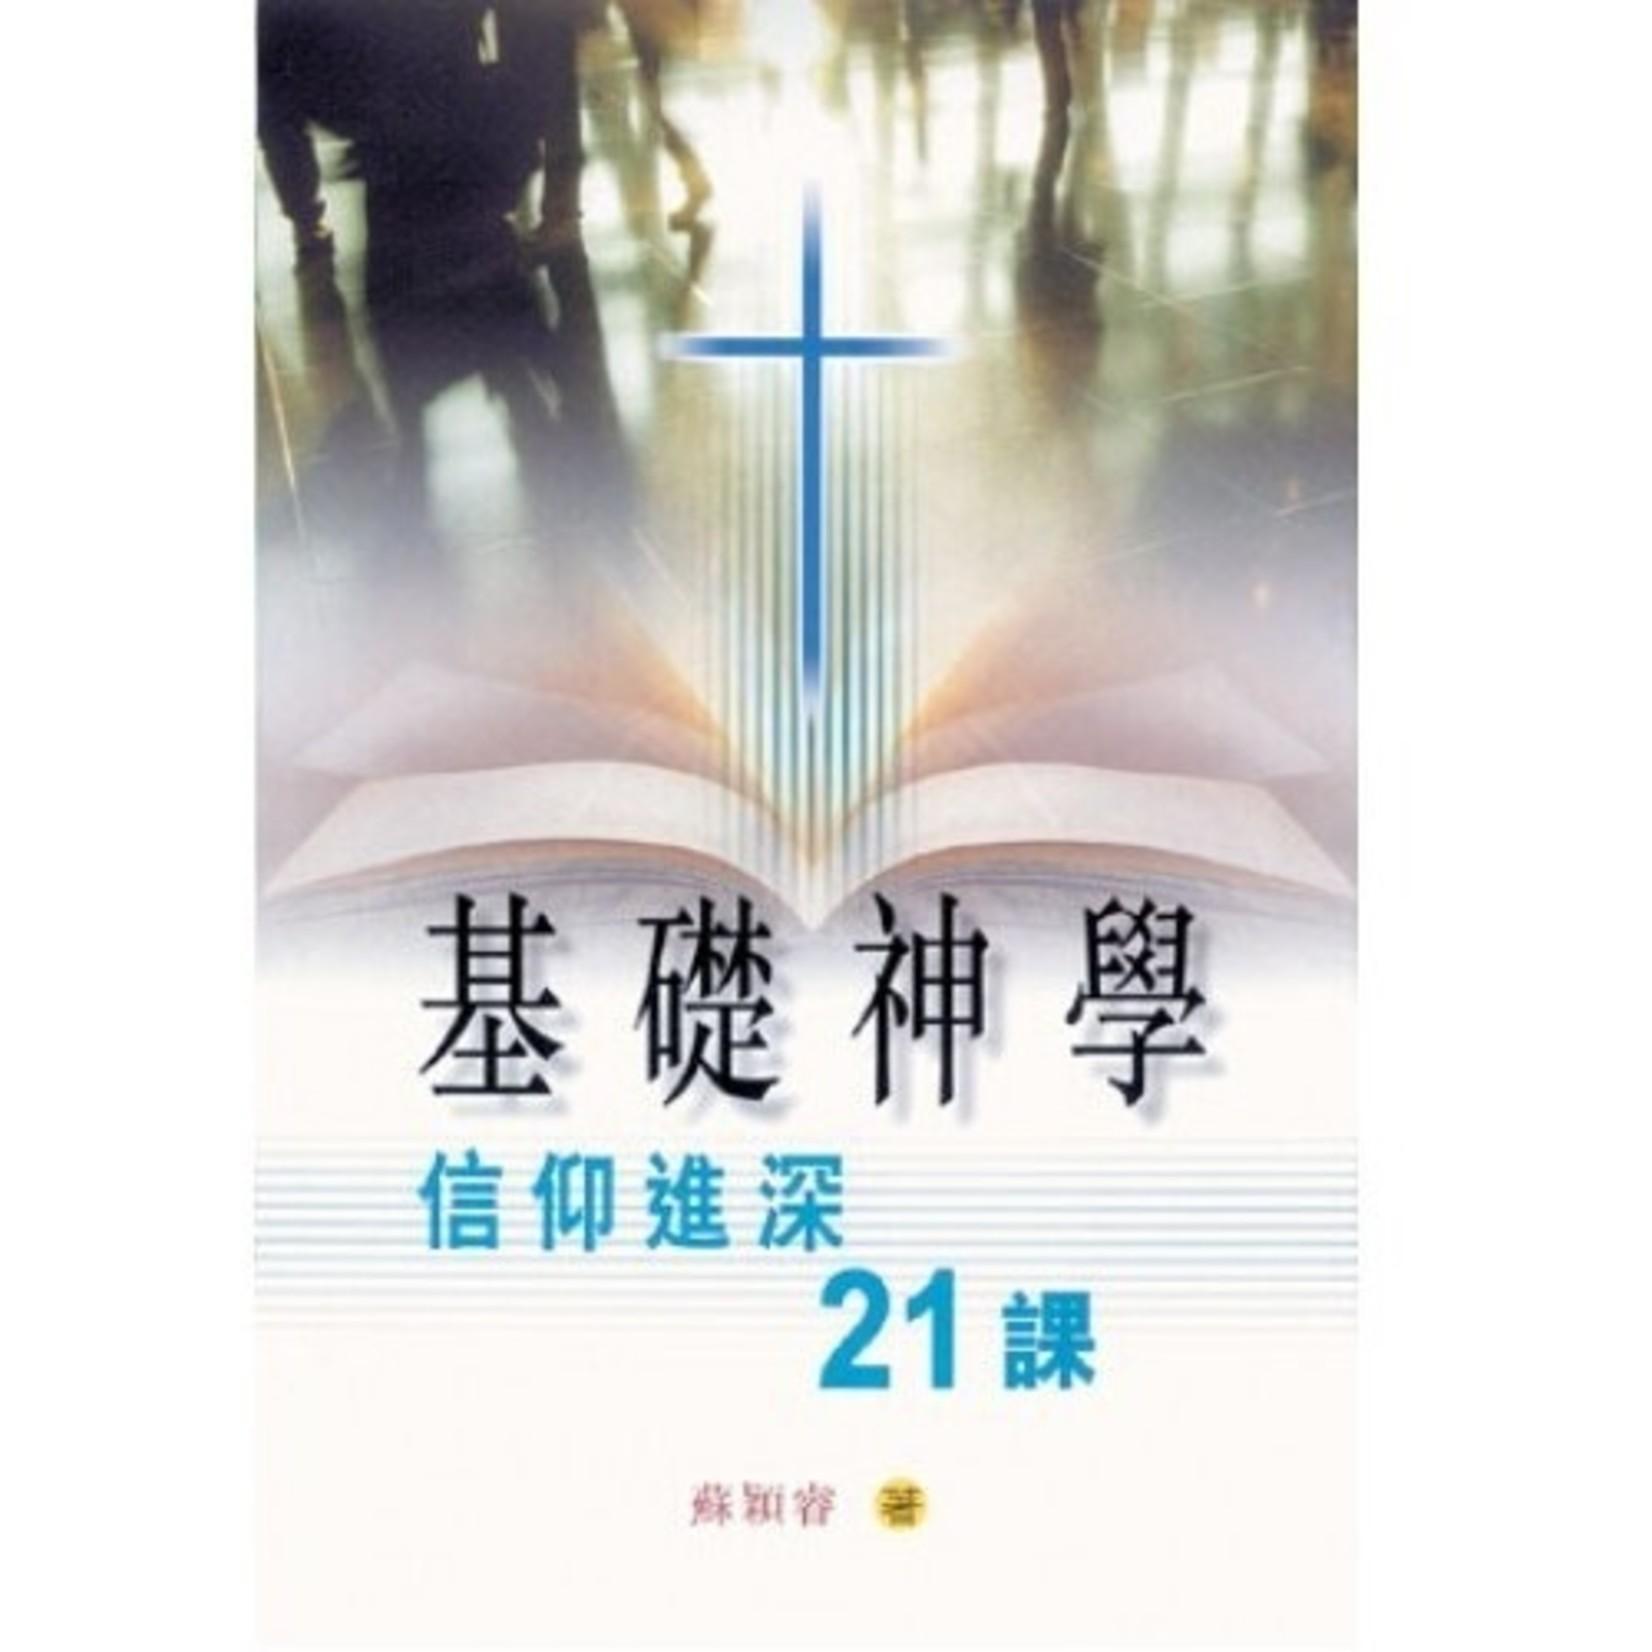 宣道 China Alliance Press 基礎神學:信仰進深21課(修訂版)